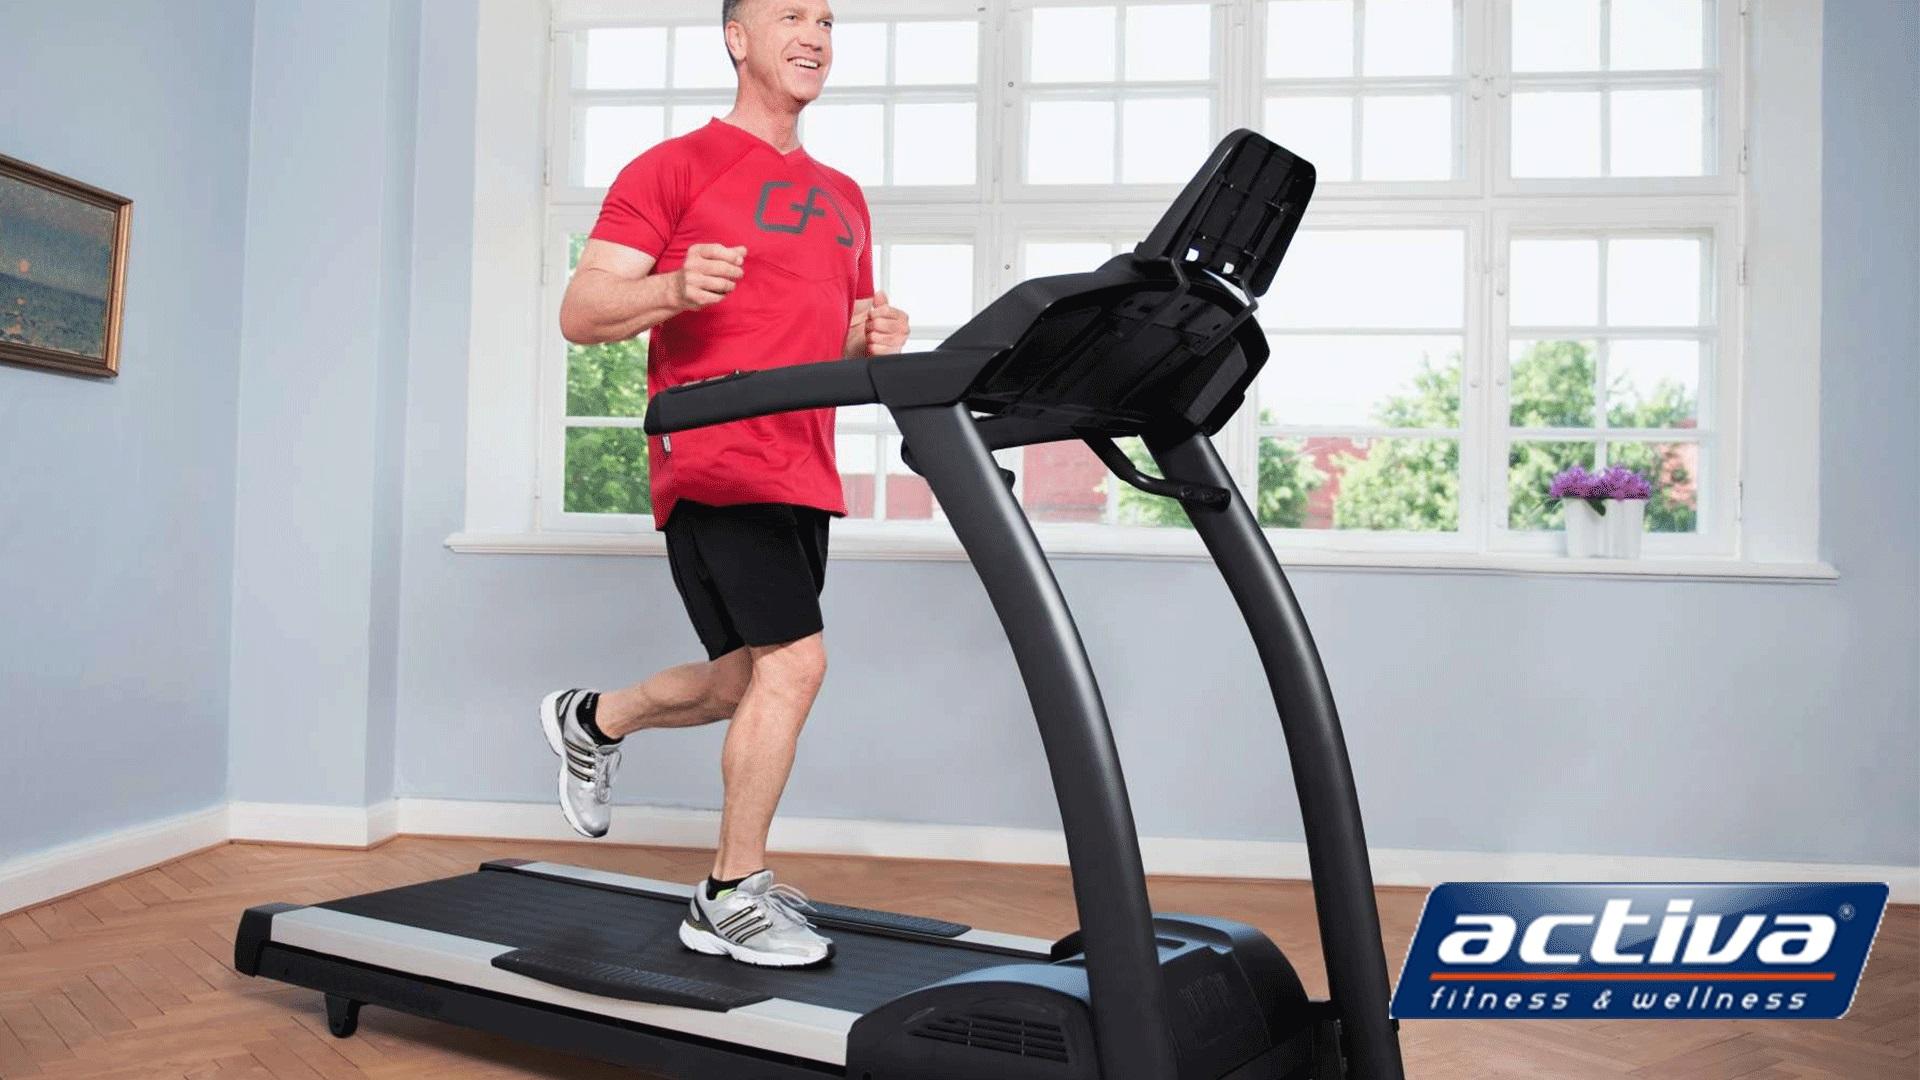 Koşu Bandı Teknik Servis Bant Değişimi - Tamir Bakım Şişli